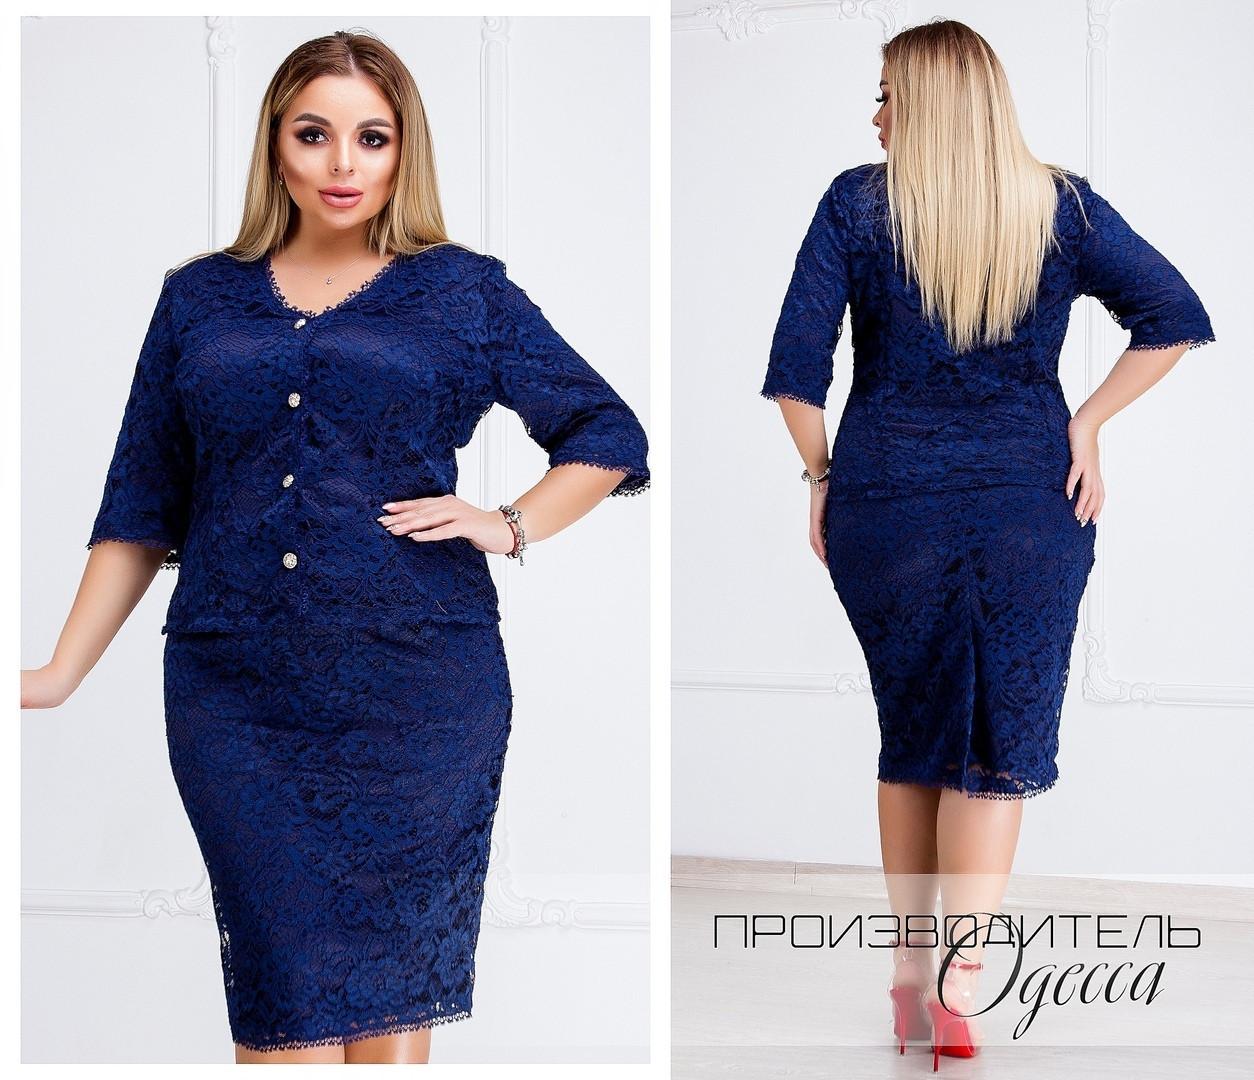 Женский нарядный костюм юбка и пиджак короткий рукав дорогой гипюр+подкладка Размеры: 50, 52, 54, 56